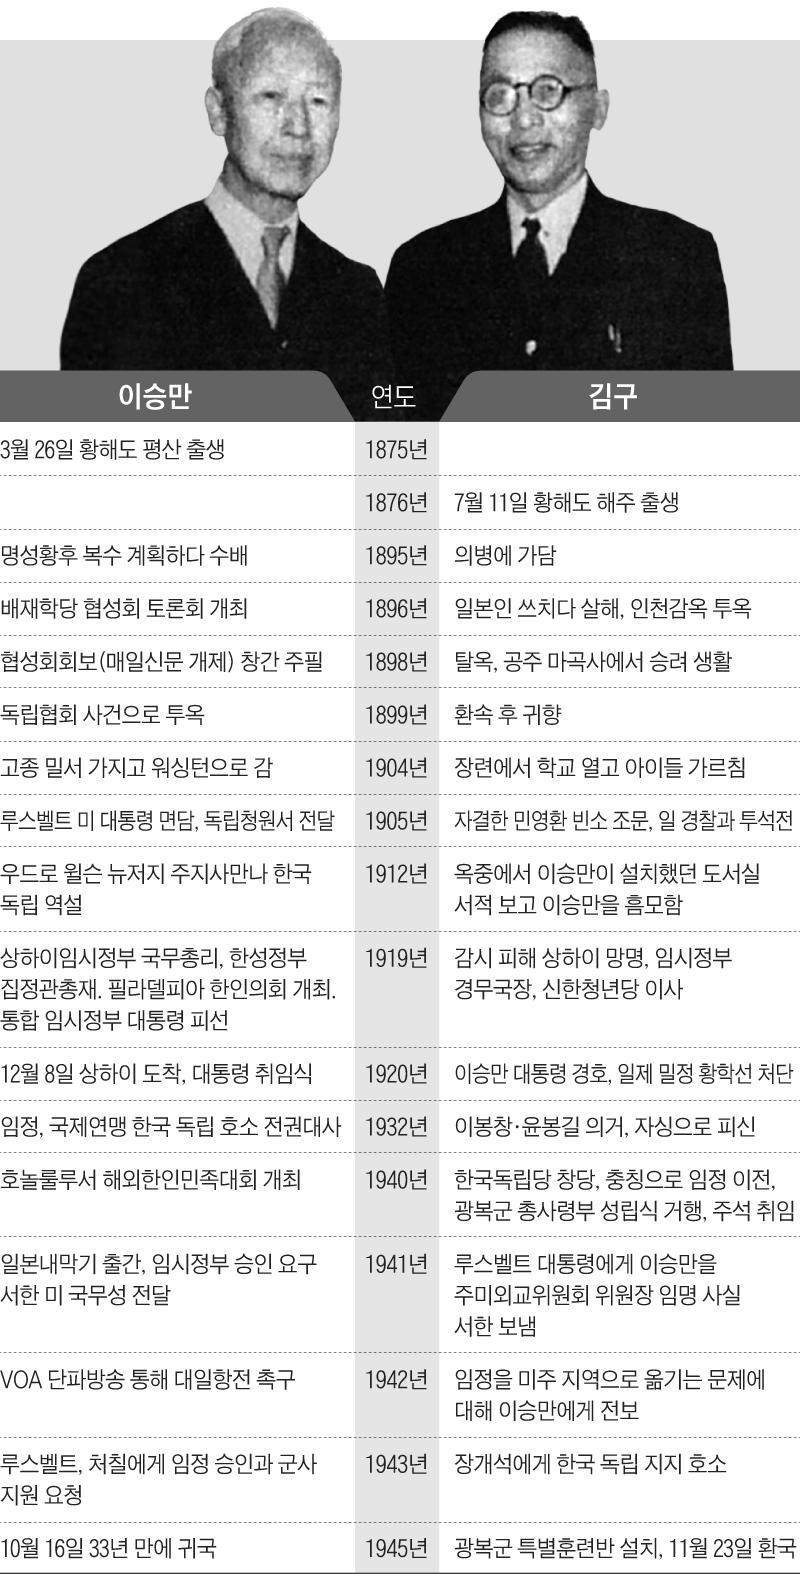 이승만, 김구 연표